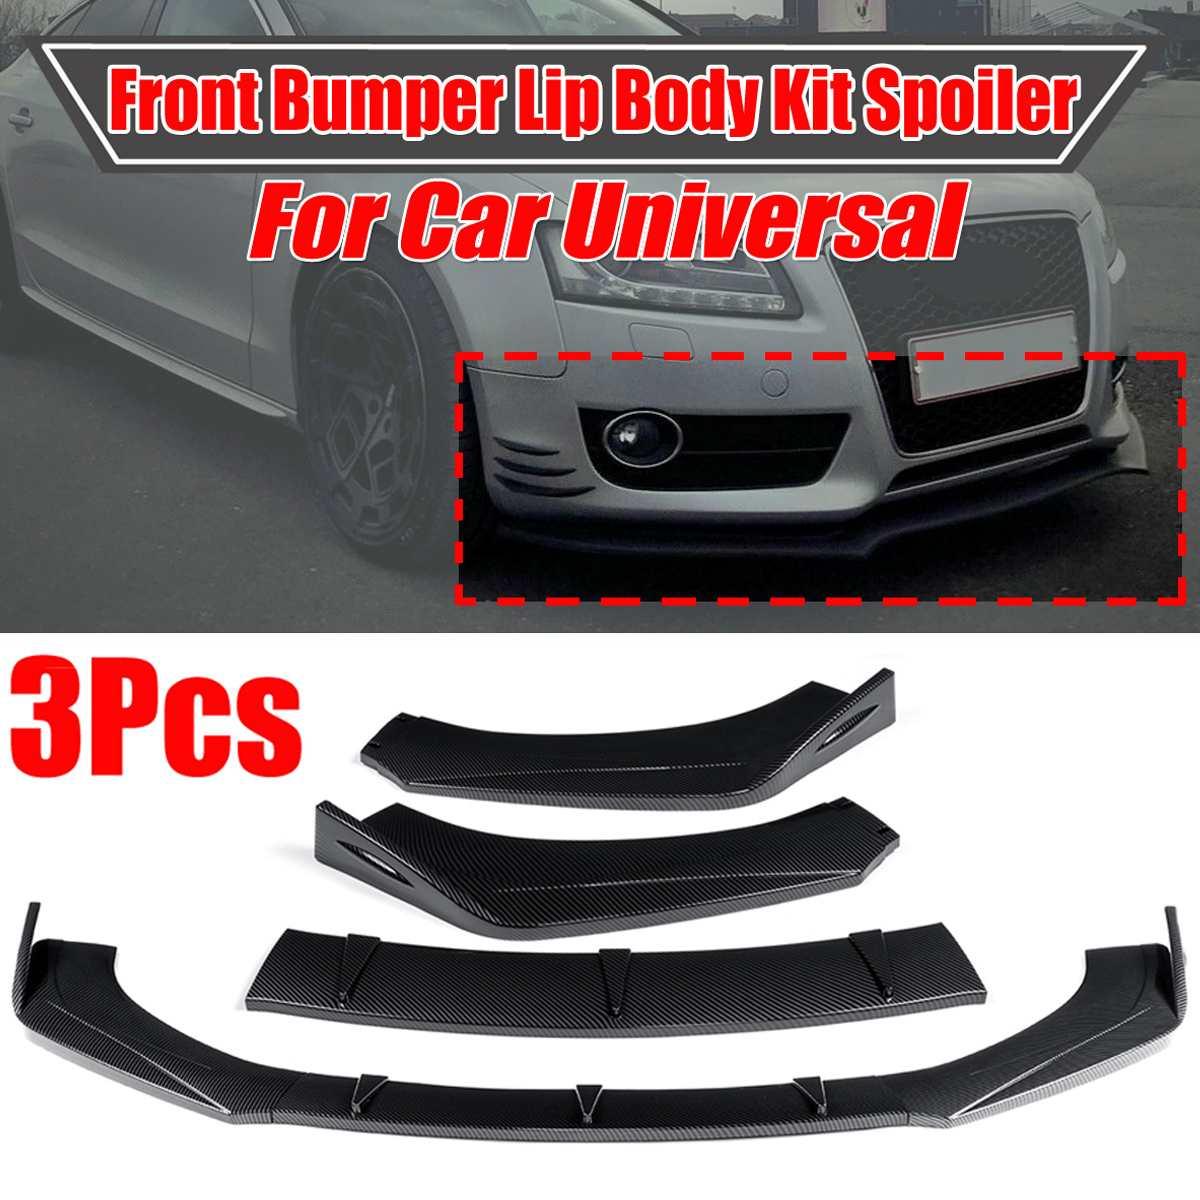 Novo universal carro amortecedor dianteiro splitter lábio corpo kit spoiler difusor para audi a5 sline s5 rs5 09-16 para bmw para benz para mazad